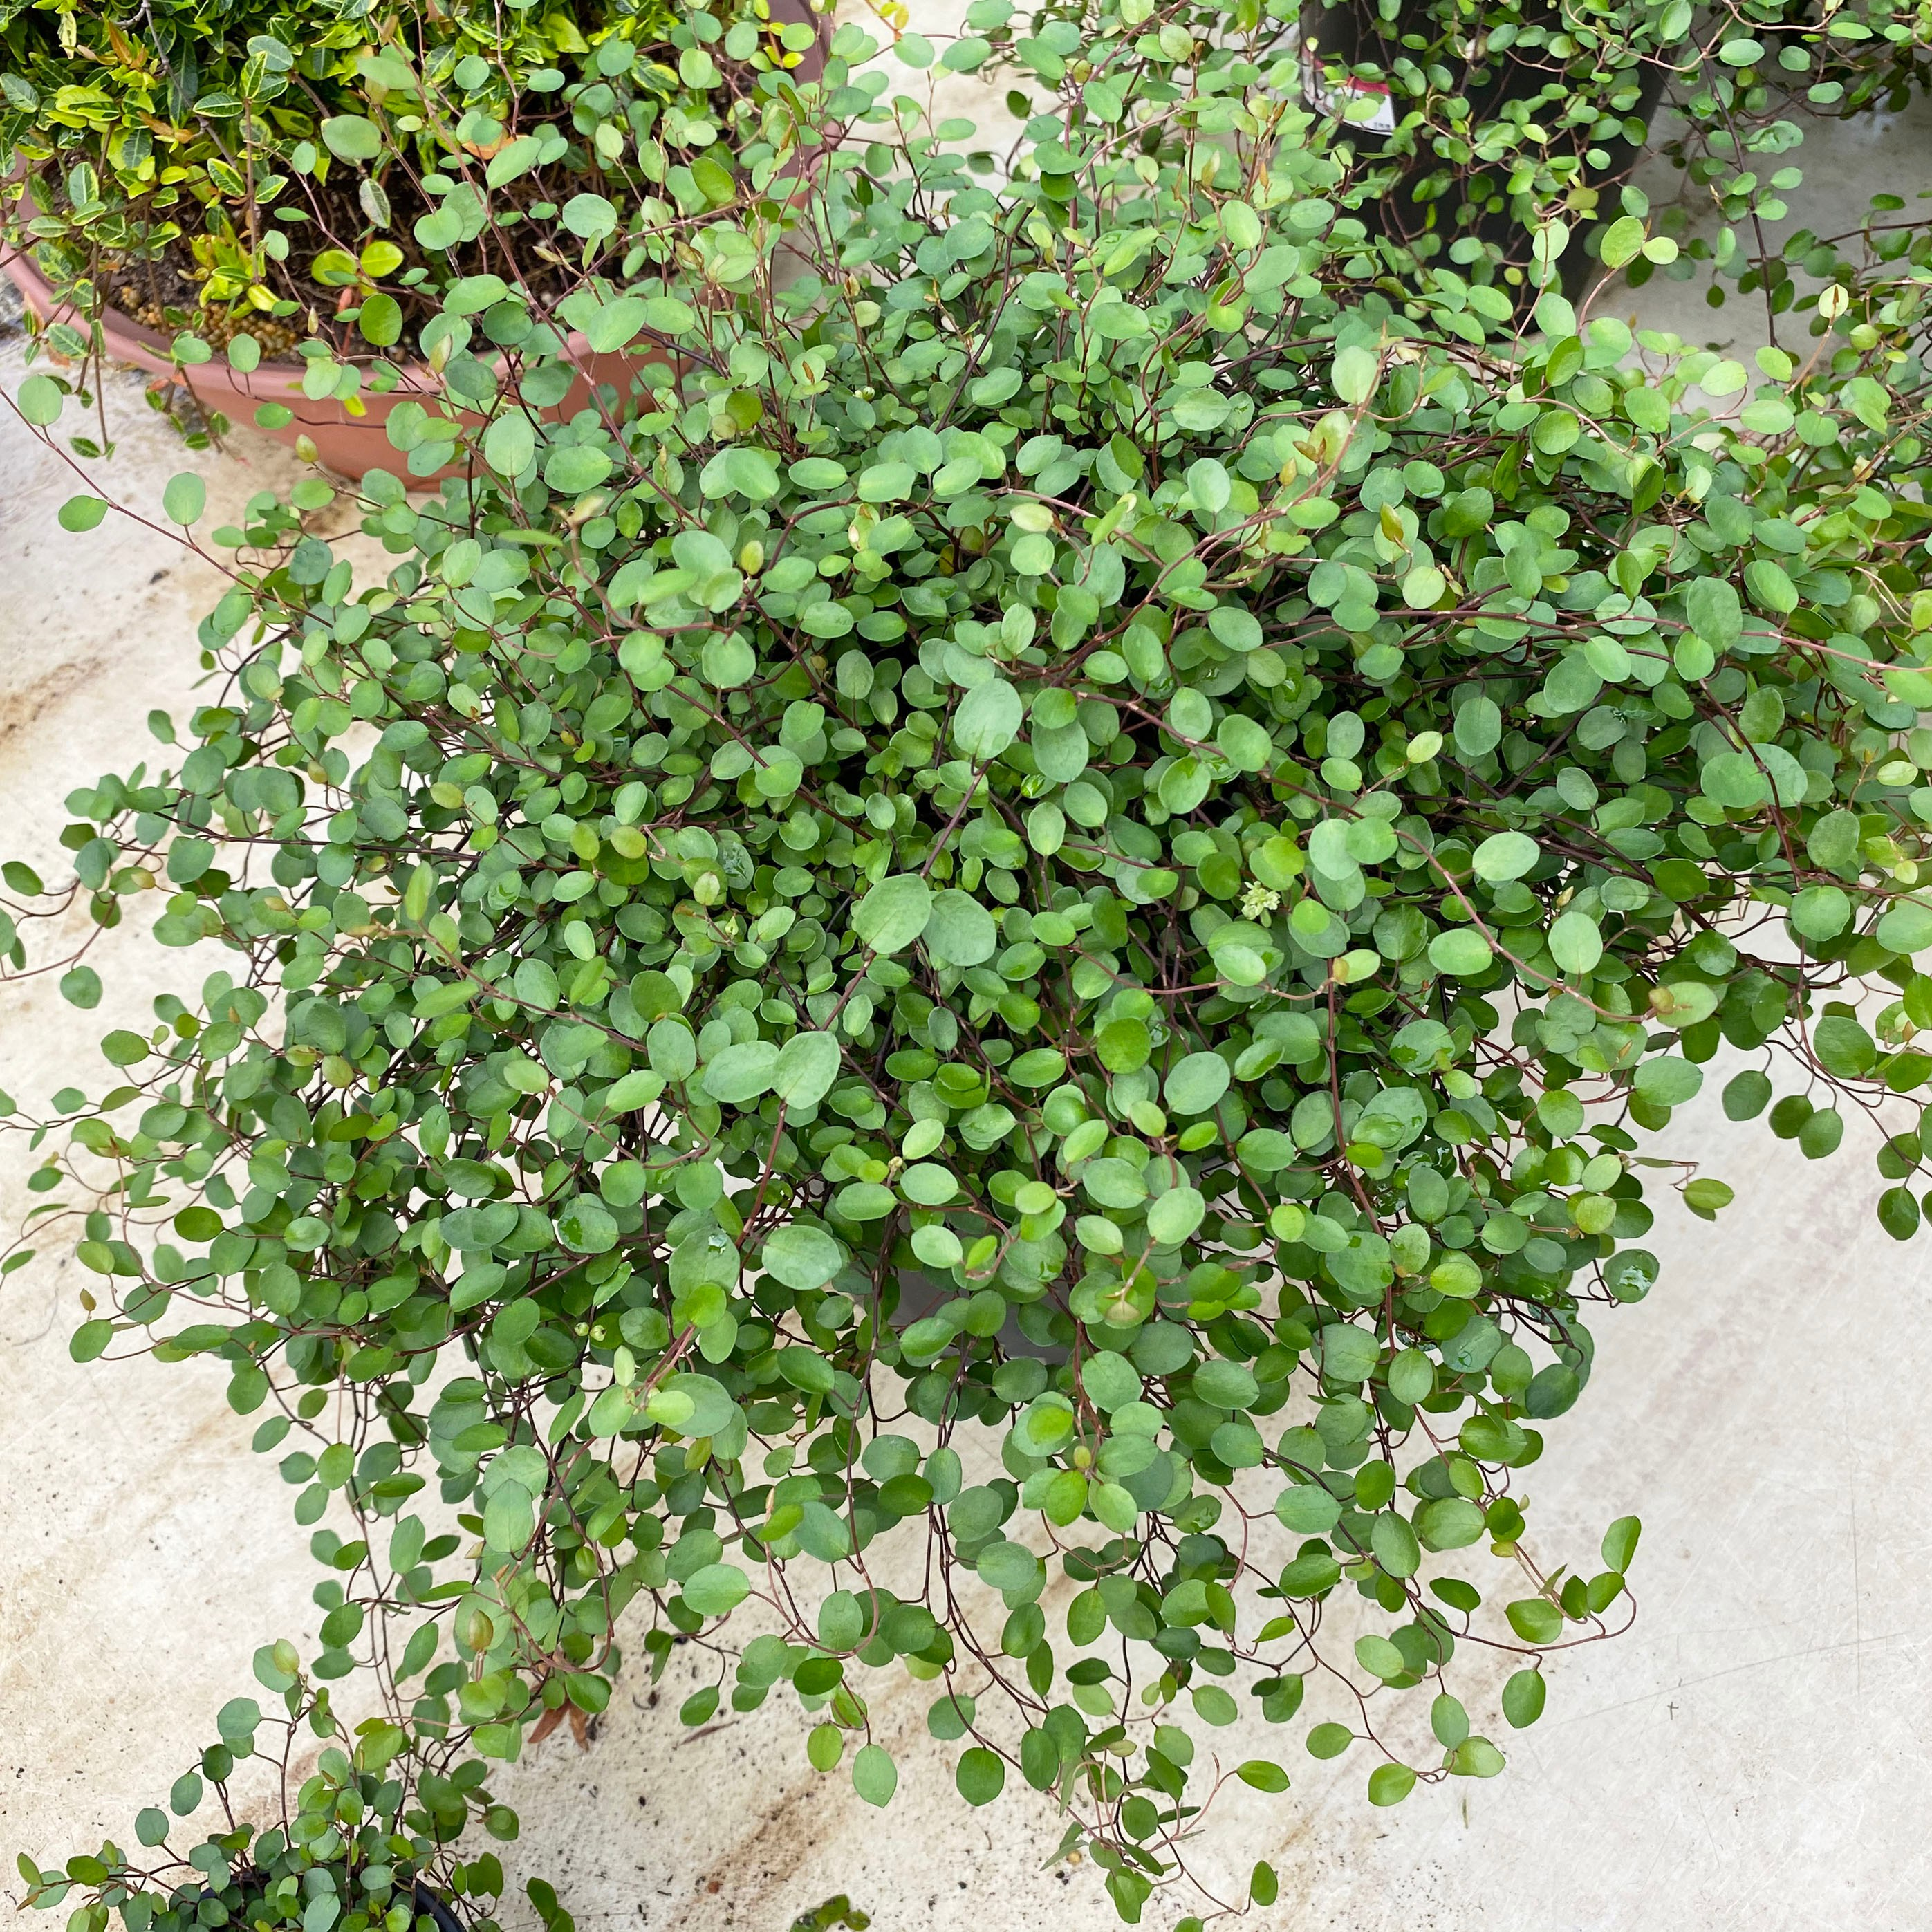 미니농장 트리안 대품 덩굴식물 공기정화식물